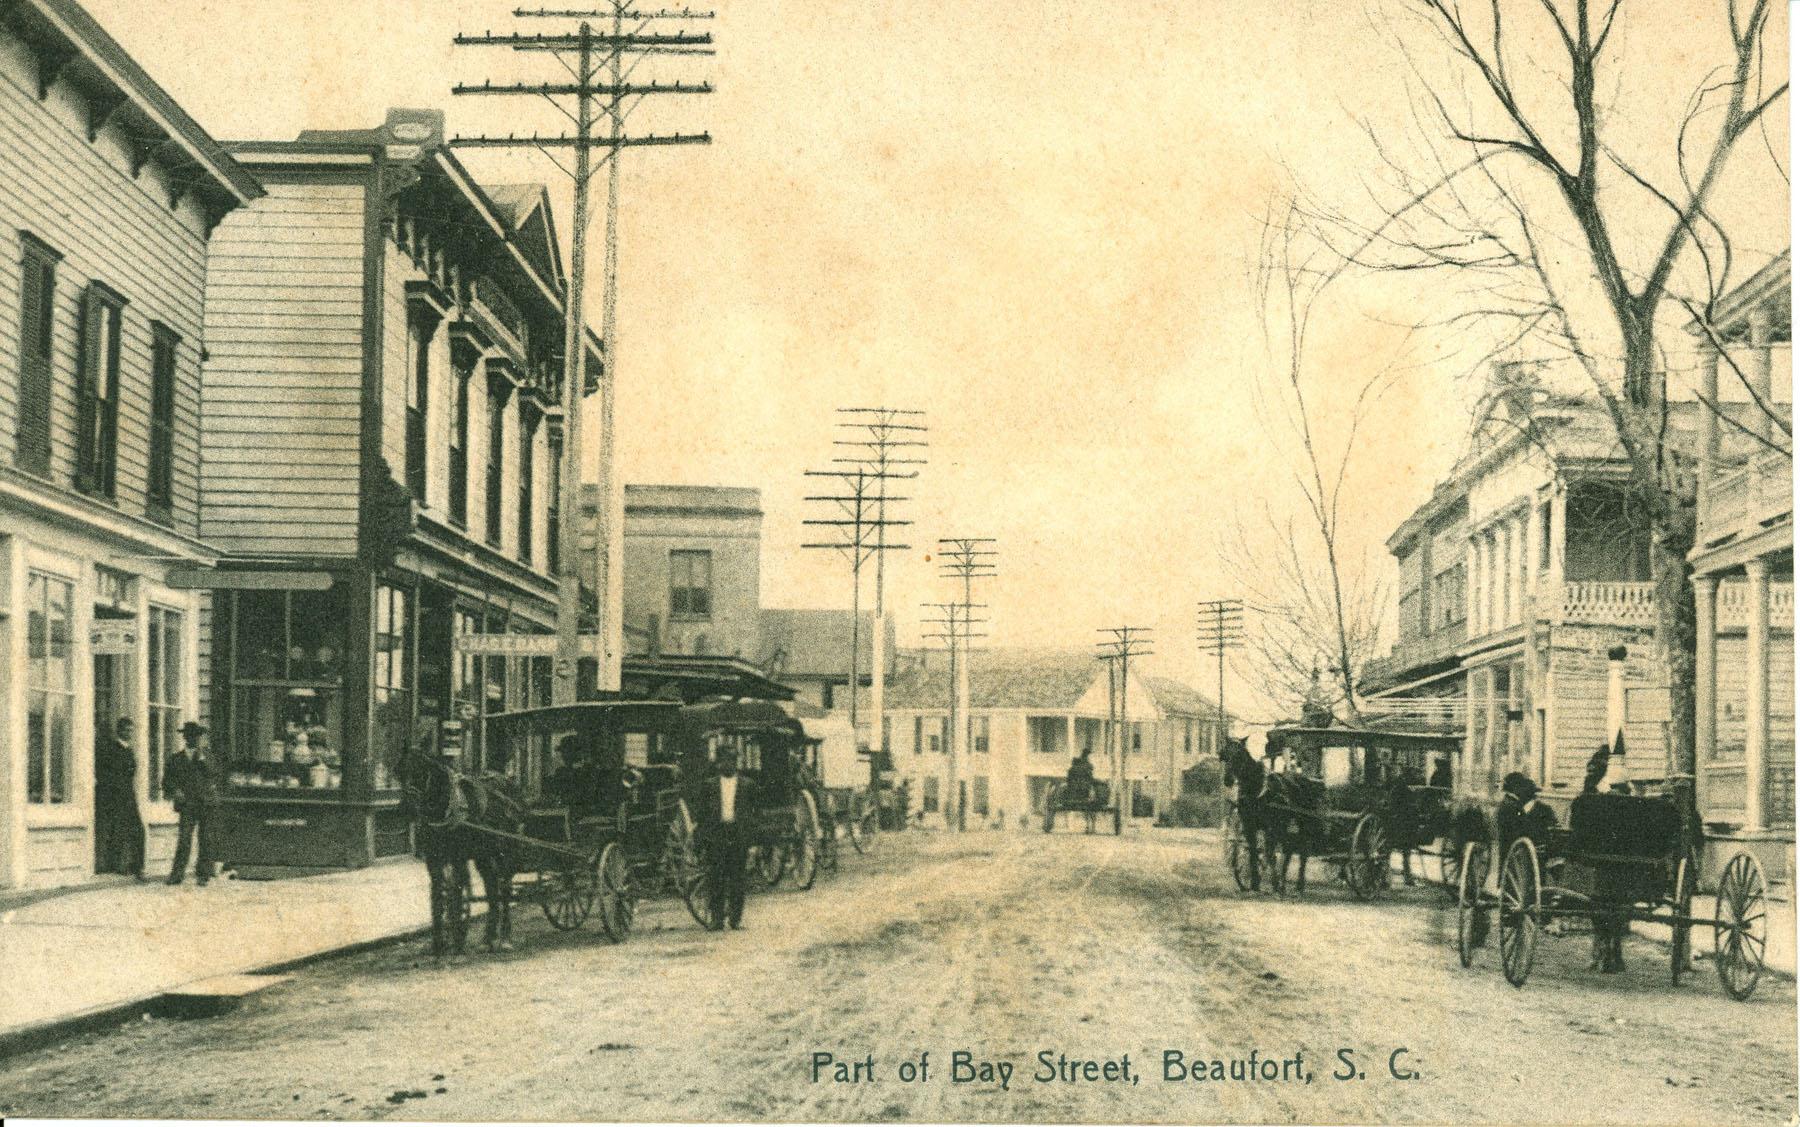 Bay Street in Beaufort